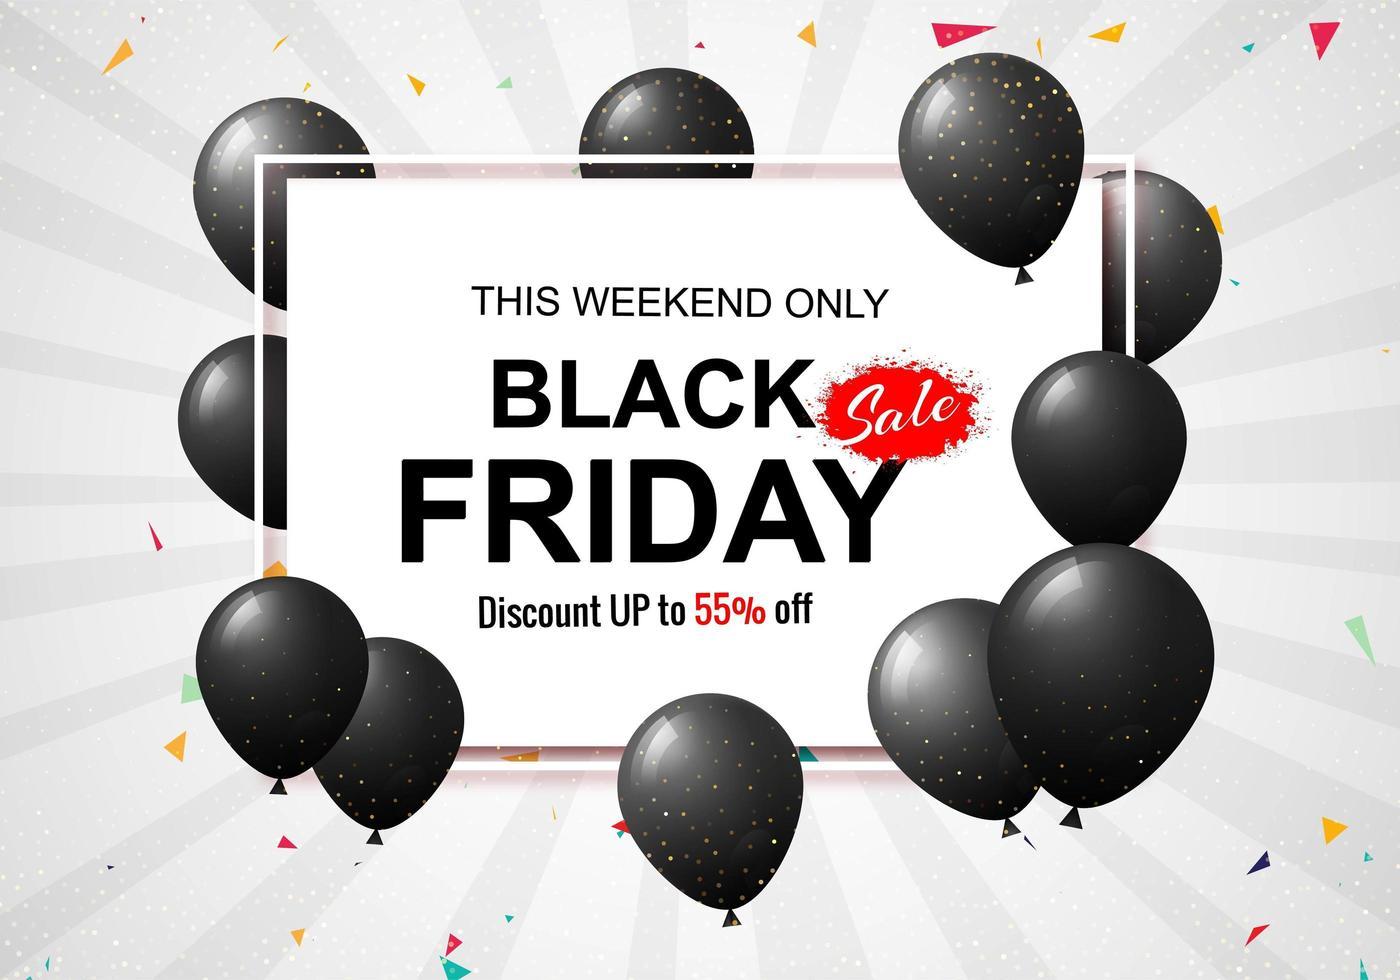 zwarte vrijdag verkoop poster met ballonnen en confetti achtergrond vector